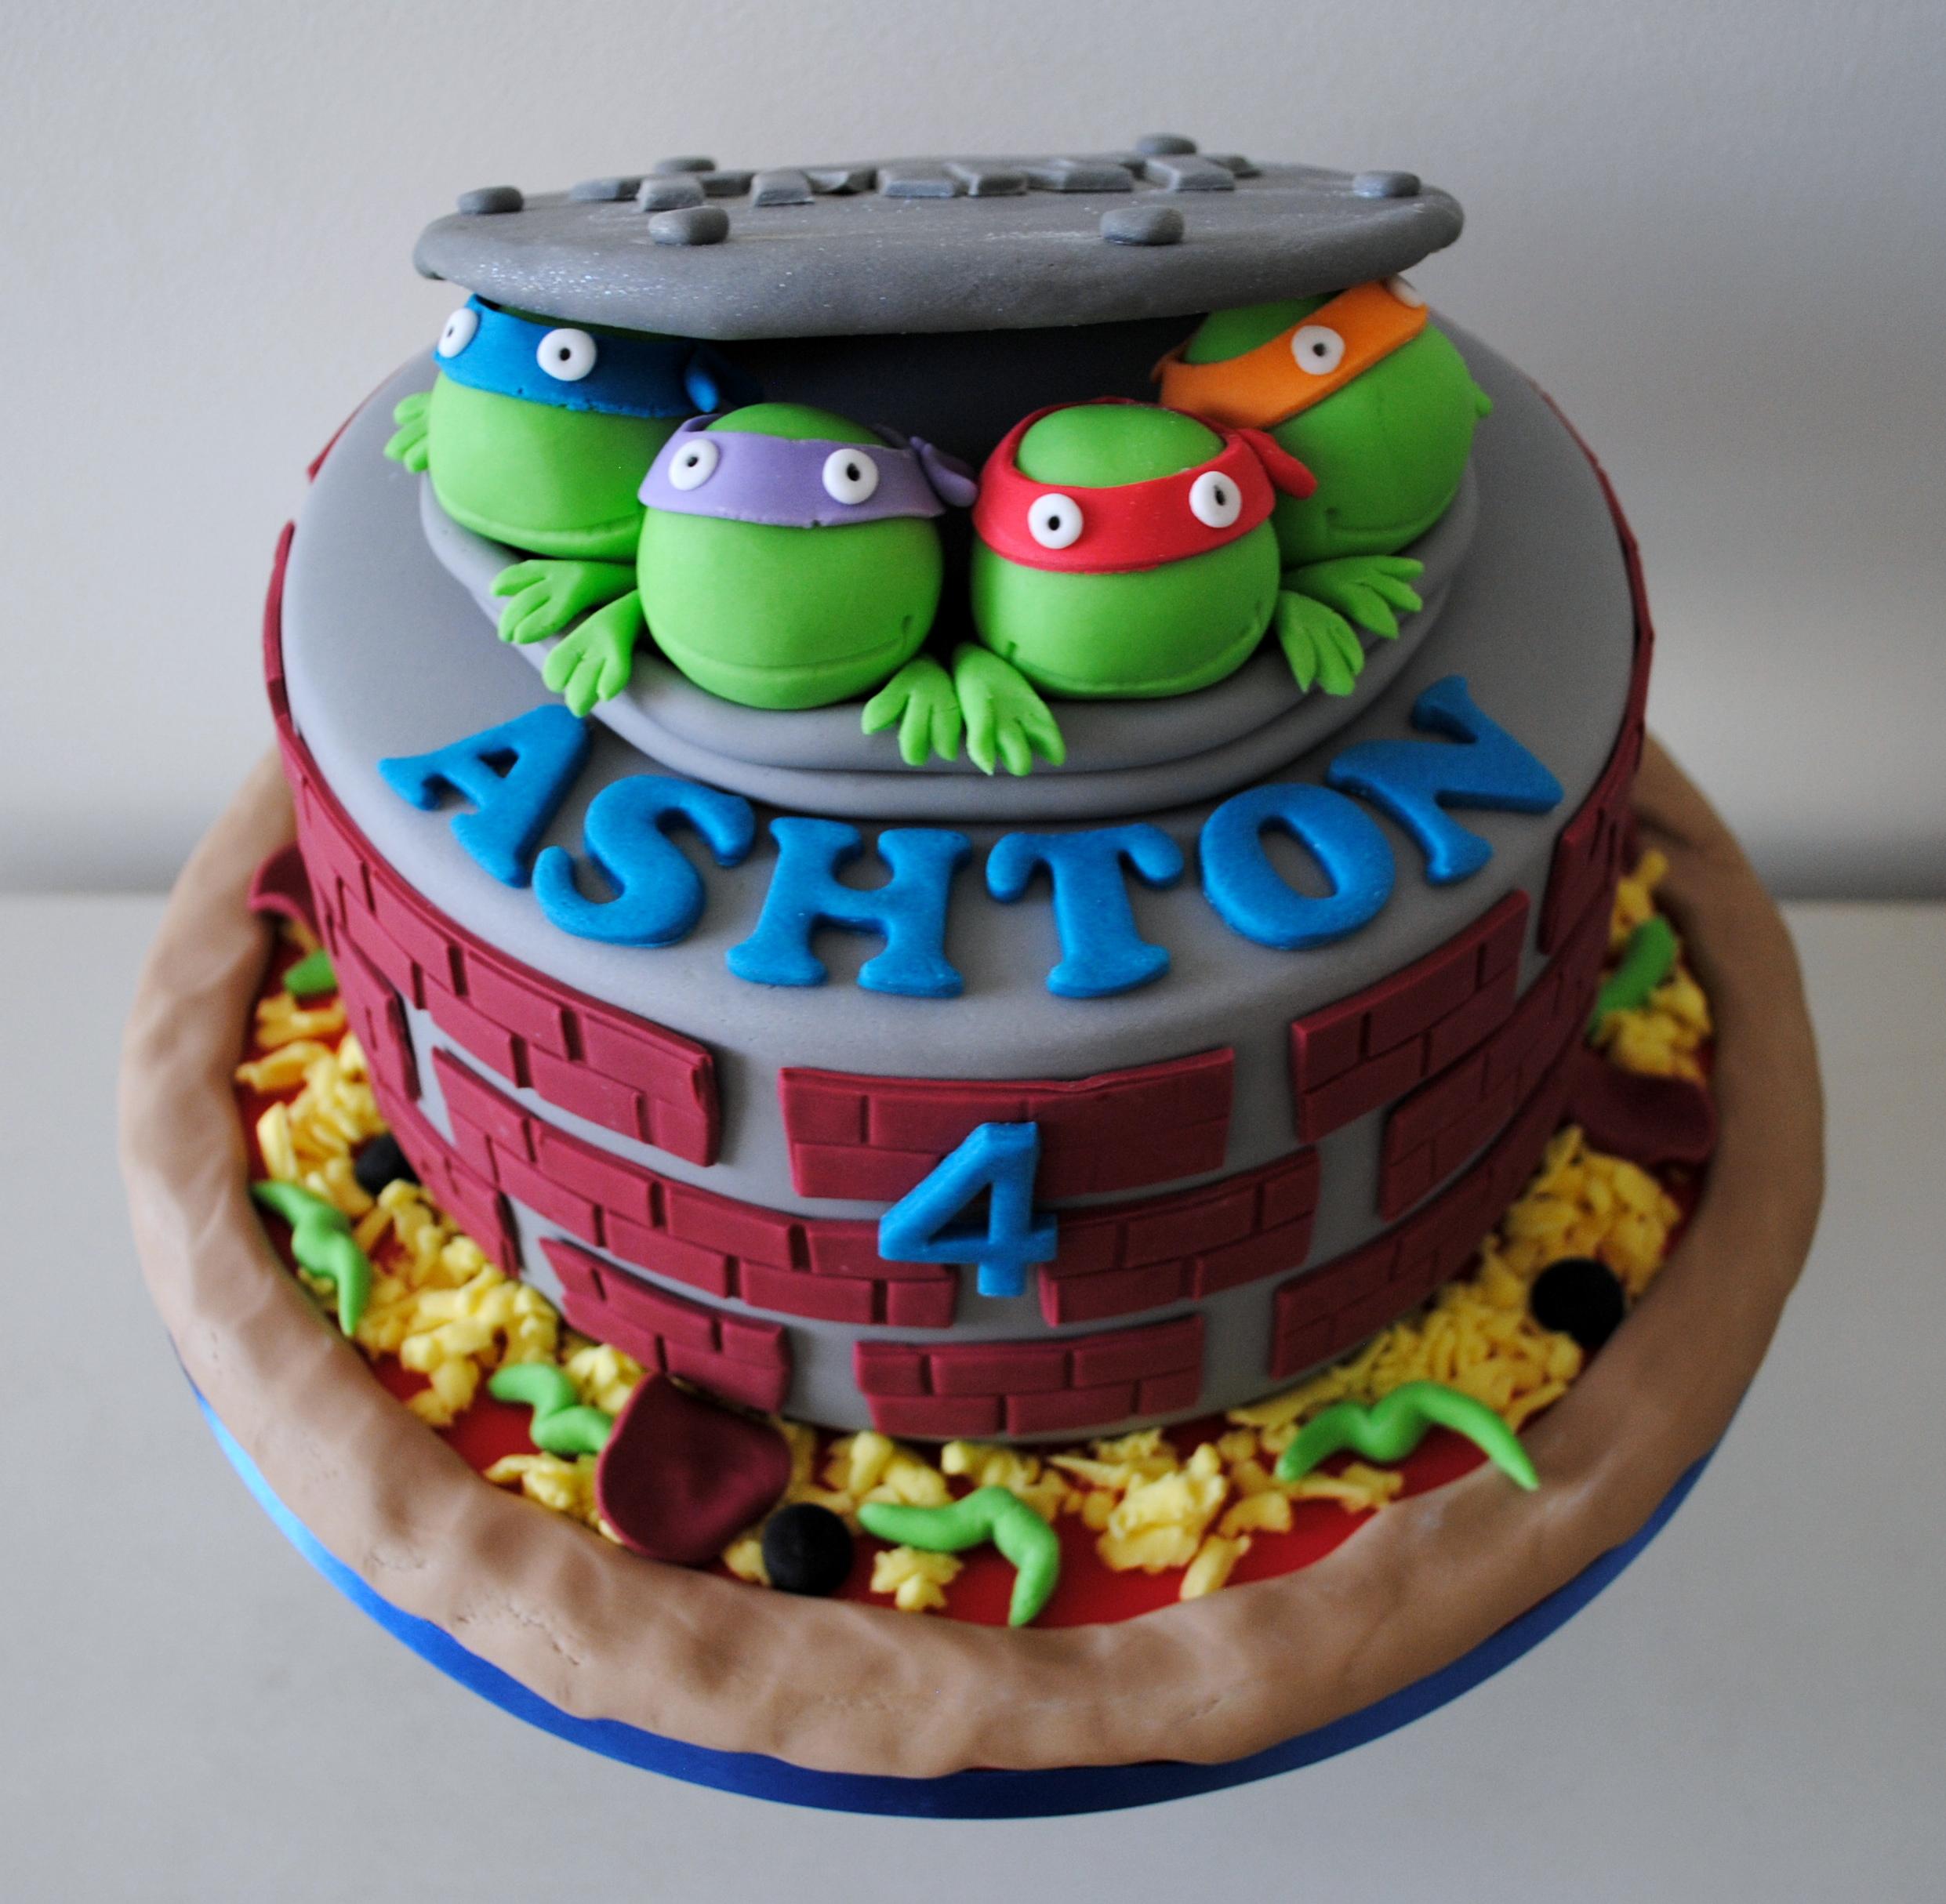 Stupendous 9 Birthday Cakes Teenage Mutant Turtles Photo Teenage Mutant Funny Birthday Cards Online Inifofree Goldxyz